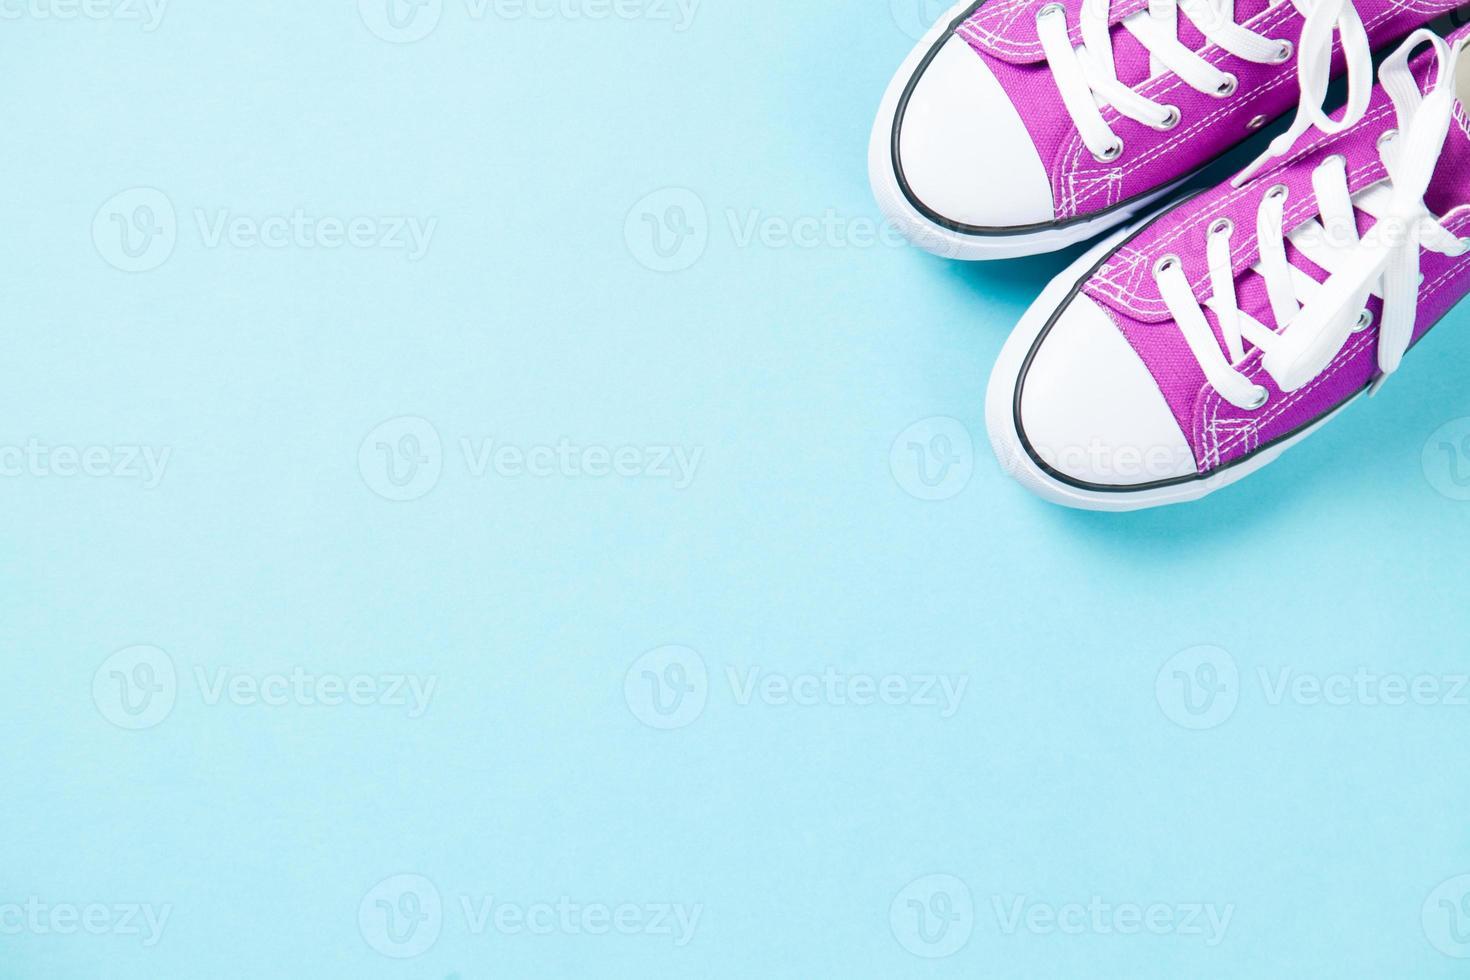 lila Gummischuhe mit weißen Schnürsenkeln foto